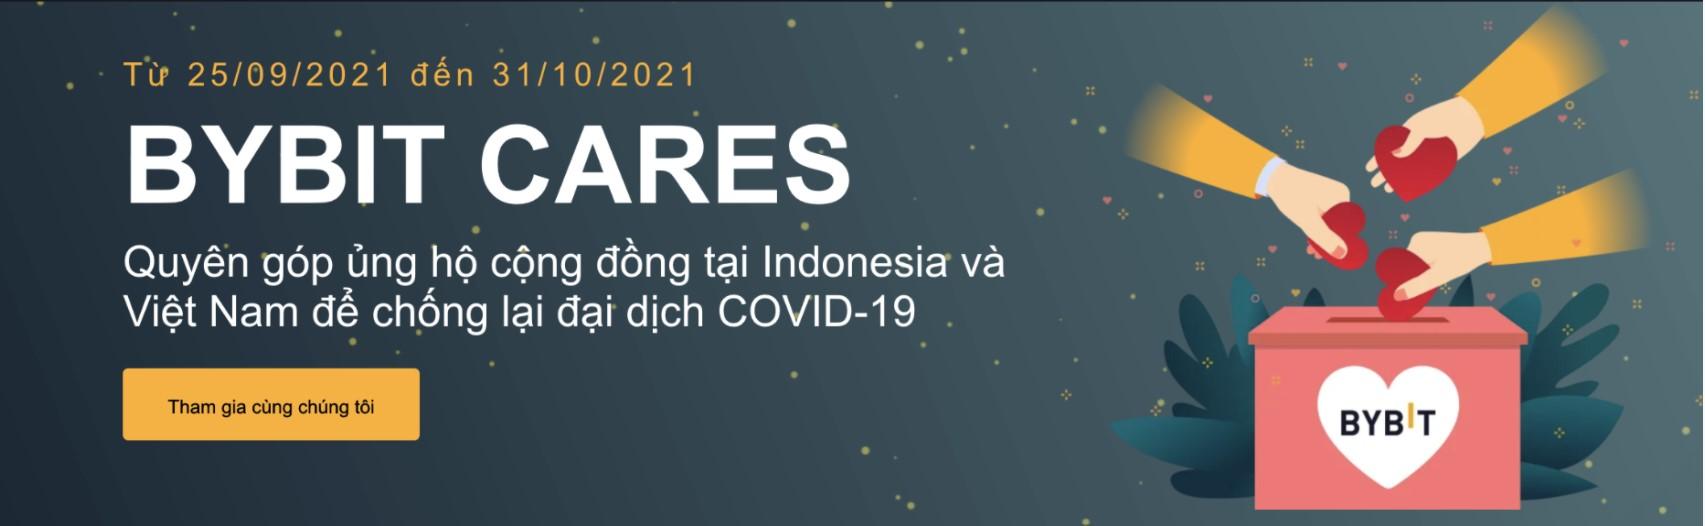 Bybit chung tay hỗ trợ cộng đồng Việt Nam và Indonesia bị ảnh hưởng bởi Covid-19